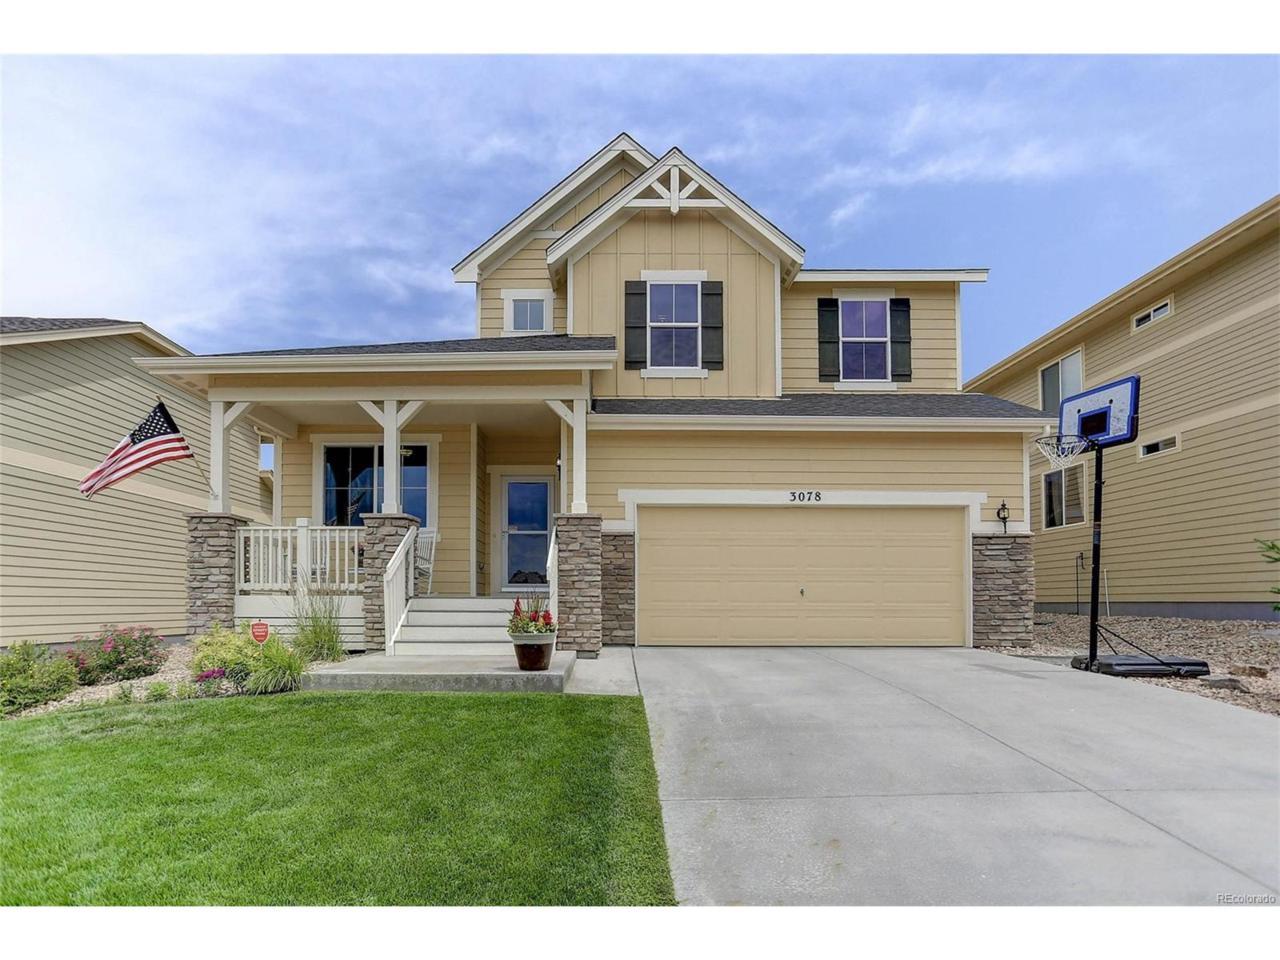 3078 Trailblazer Way, Castle Rock, CO 80109 (MLS #3528796) :: 8z Real Estate